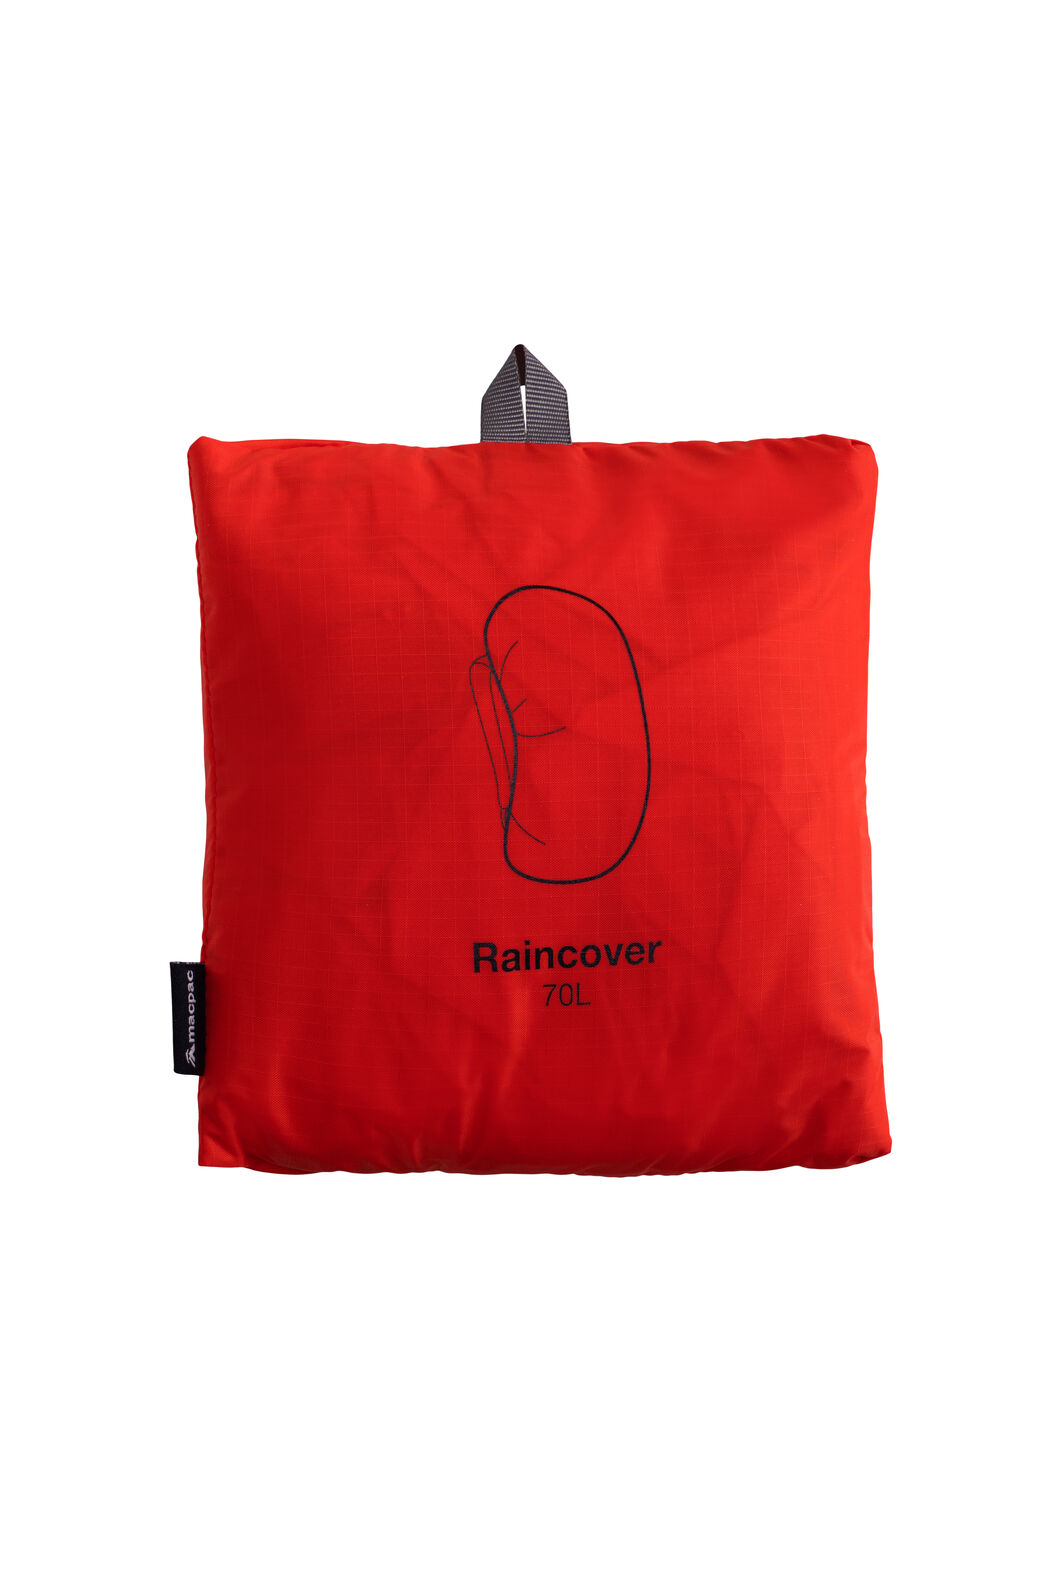 Macpac Pack Raincover 1.1 — Large, Indicator, hi-res